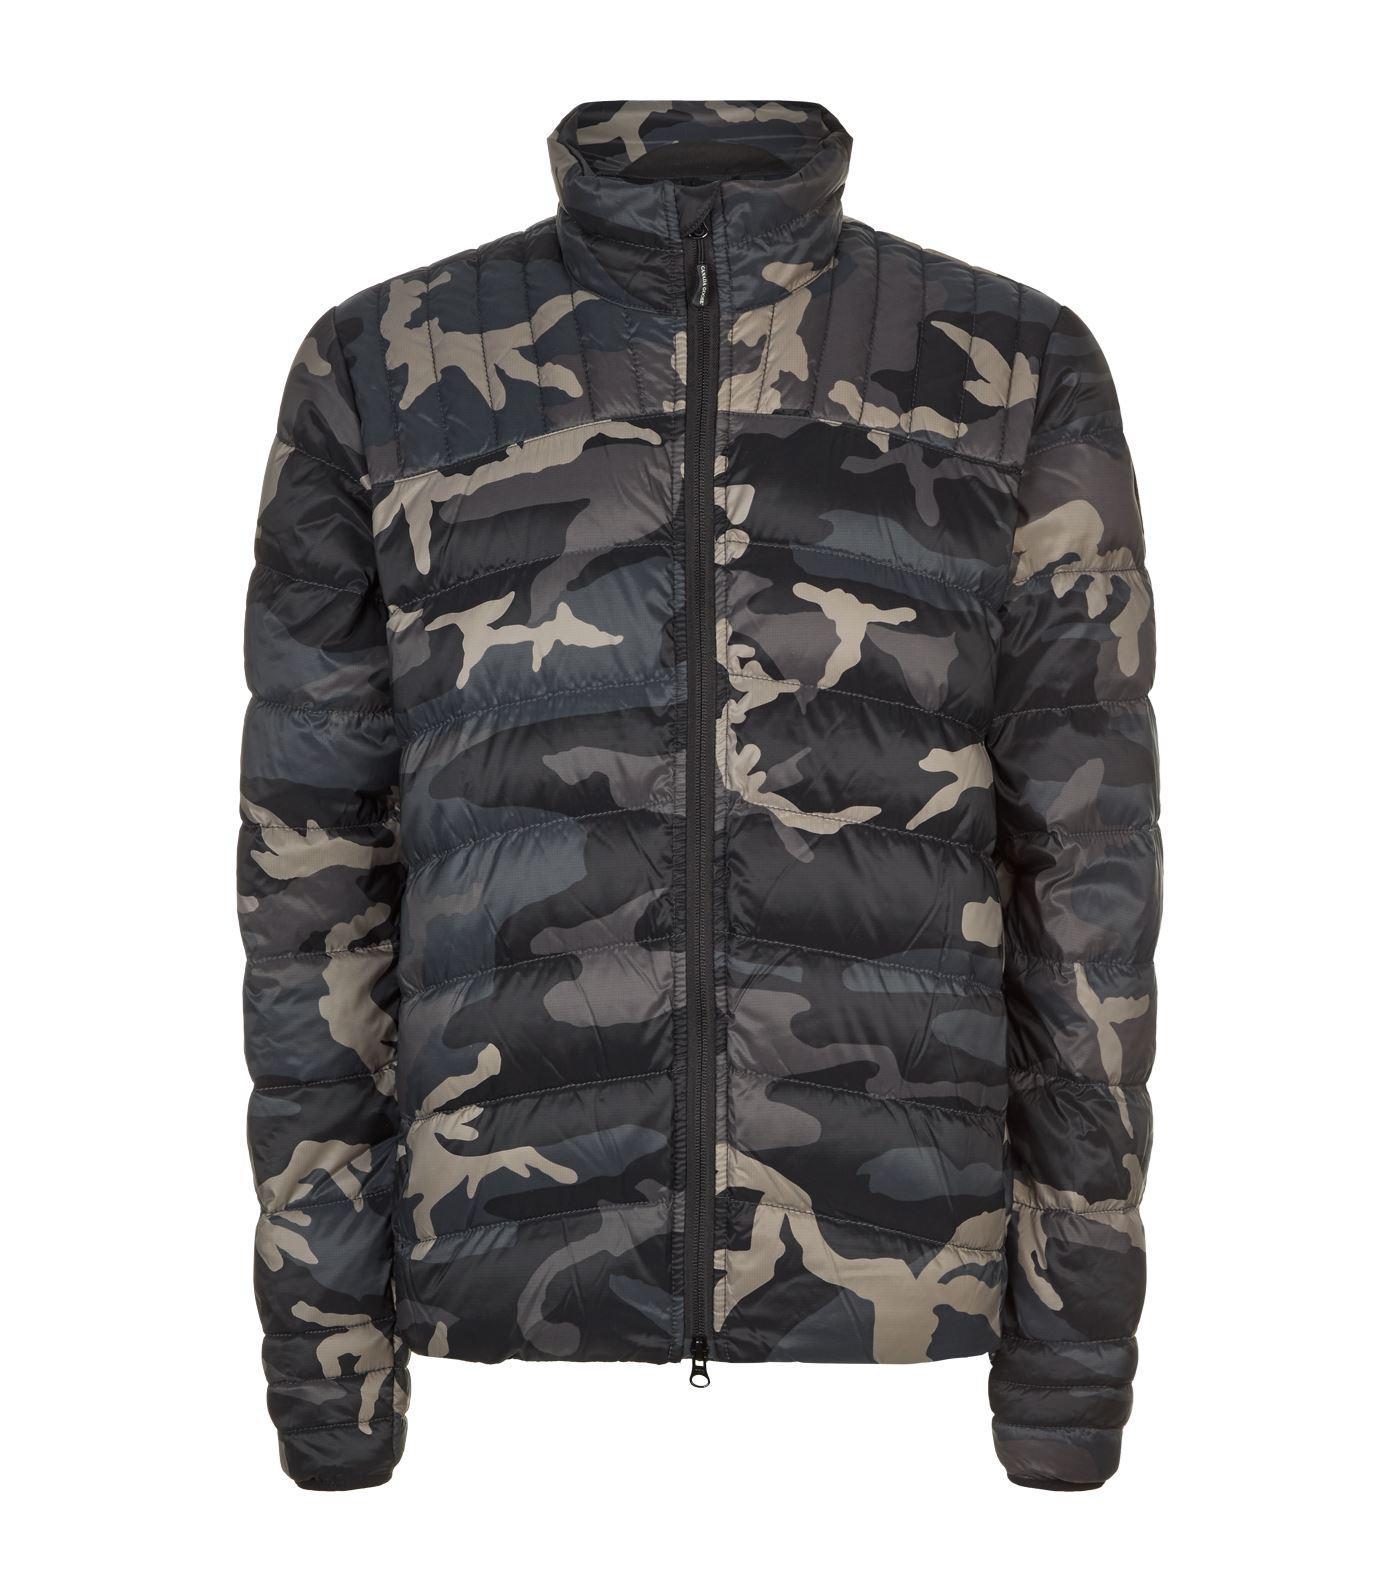 Canada Goose Goose Black Label Brookvale Jacket For Men